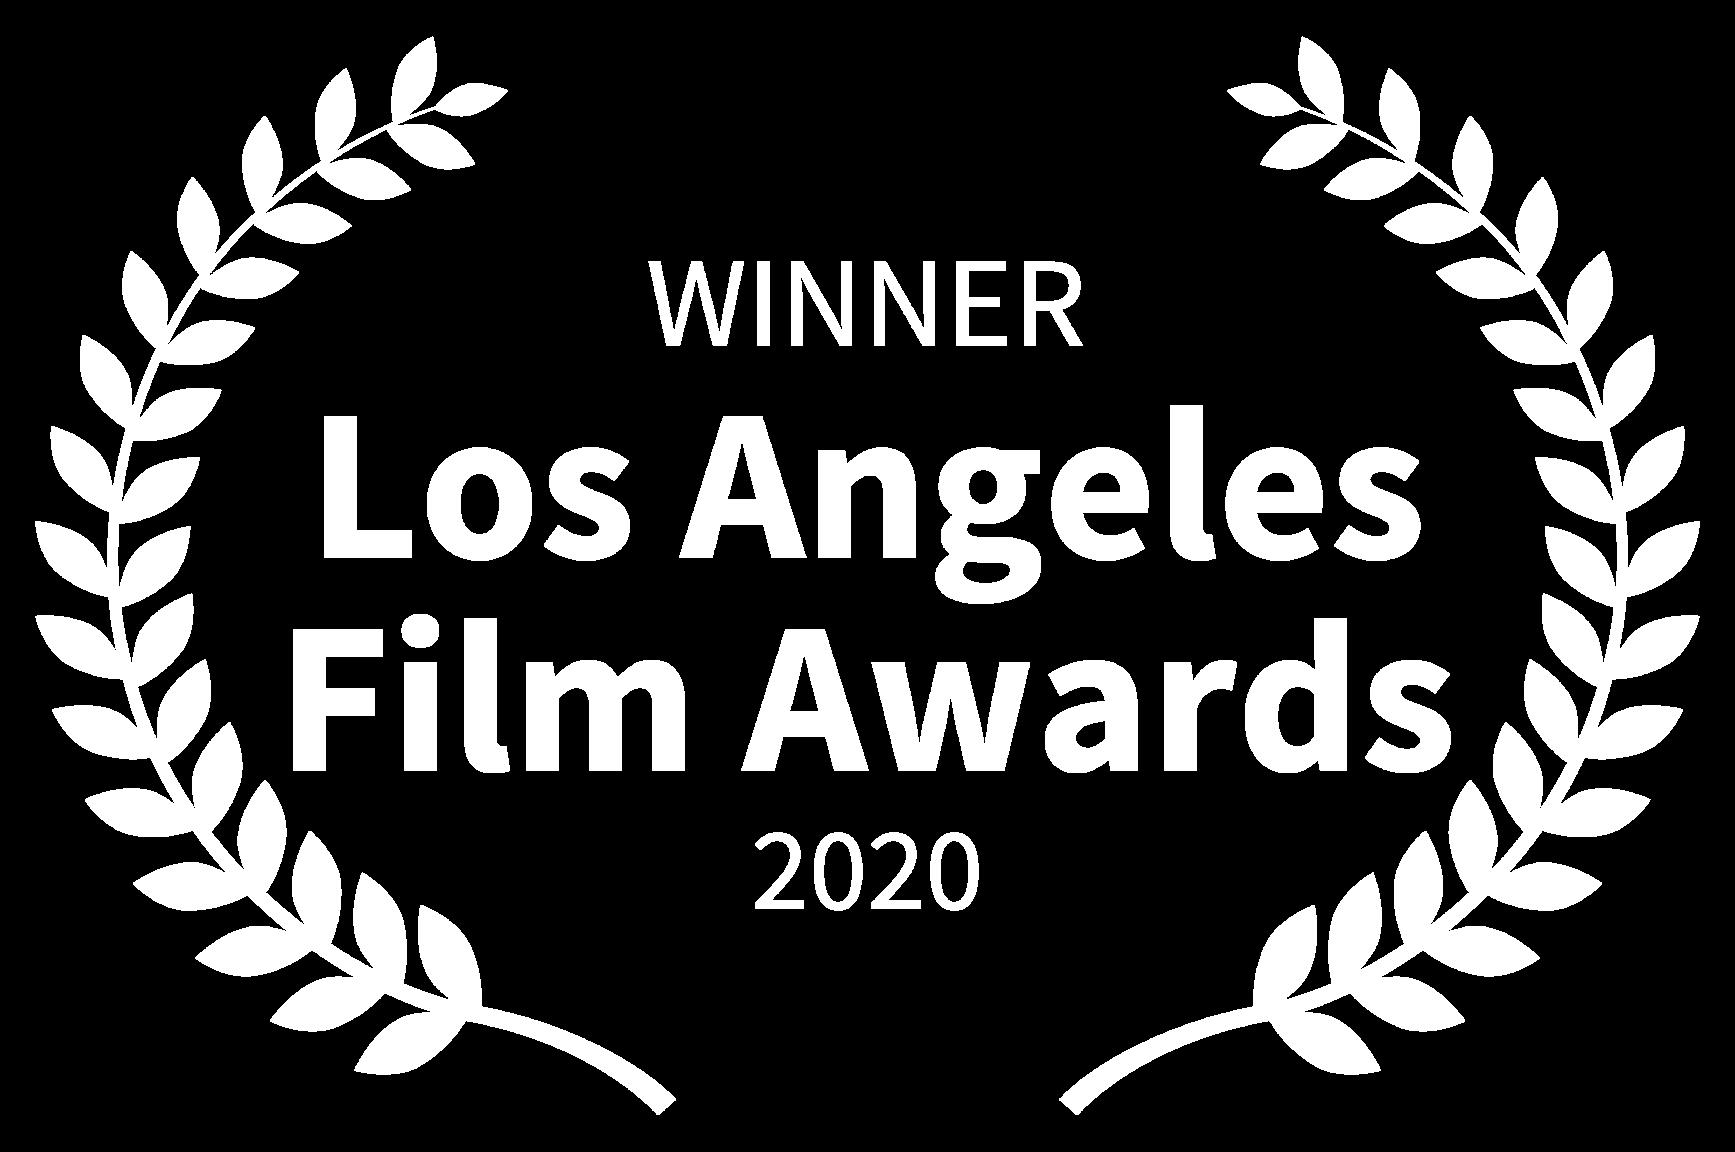 WINNER - Los Angeles Film Awards - 2020